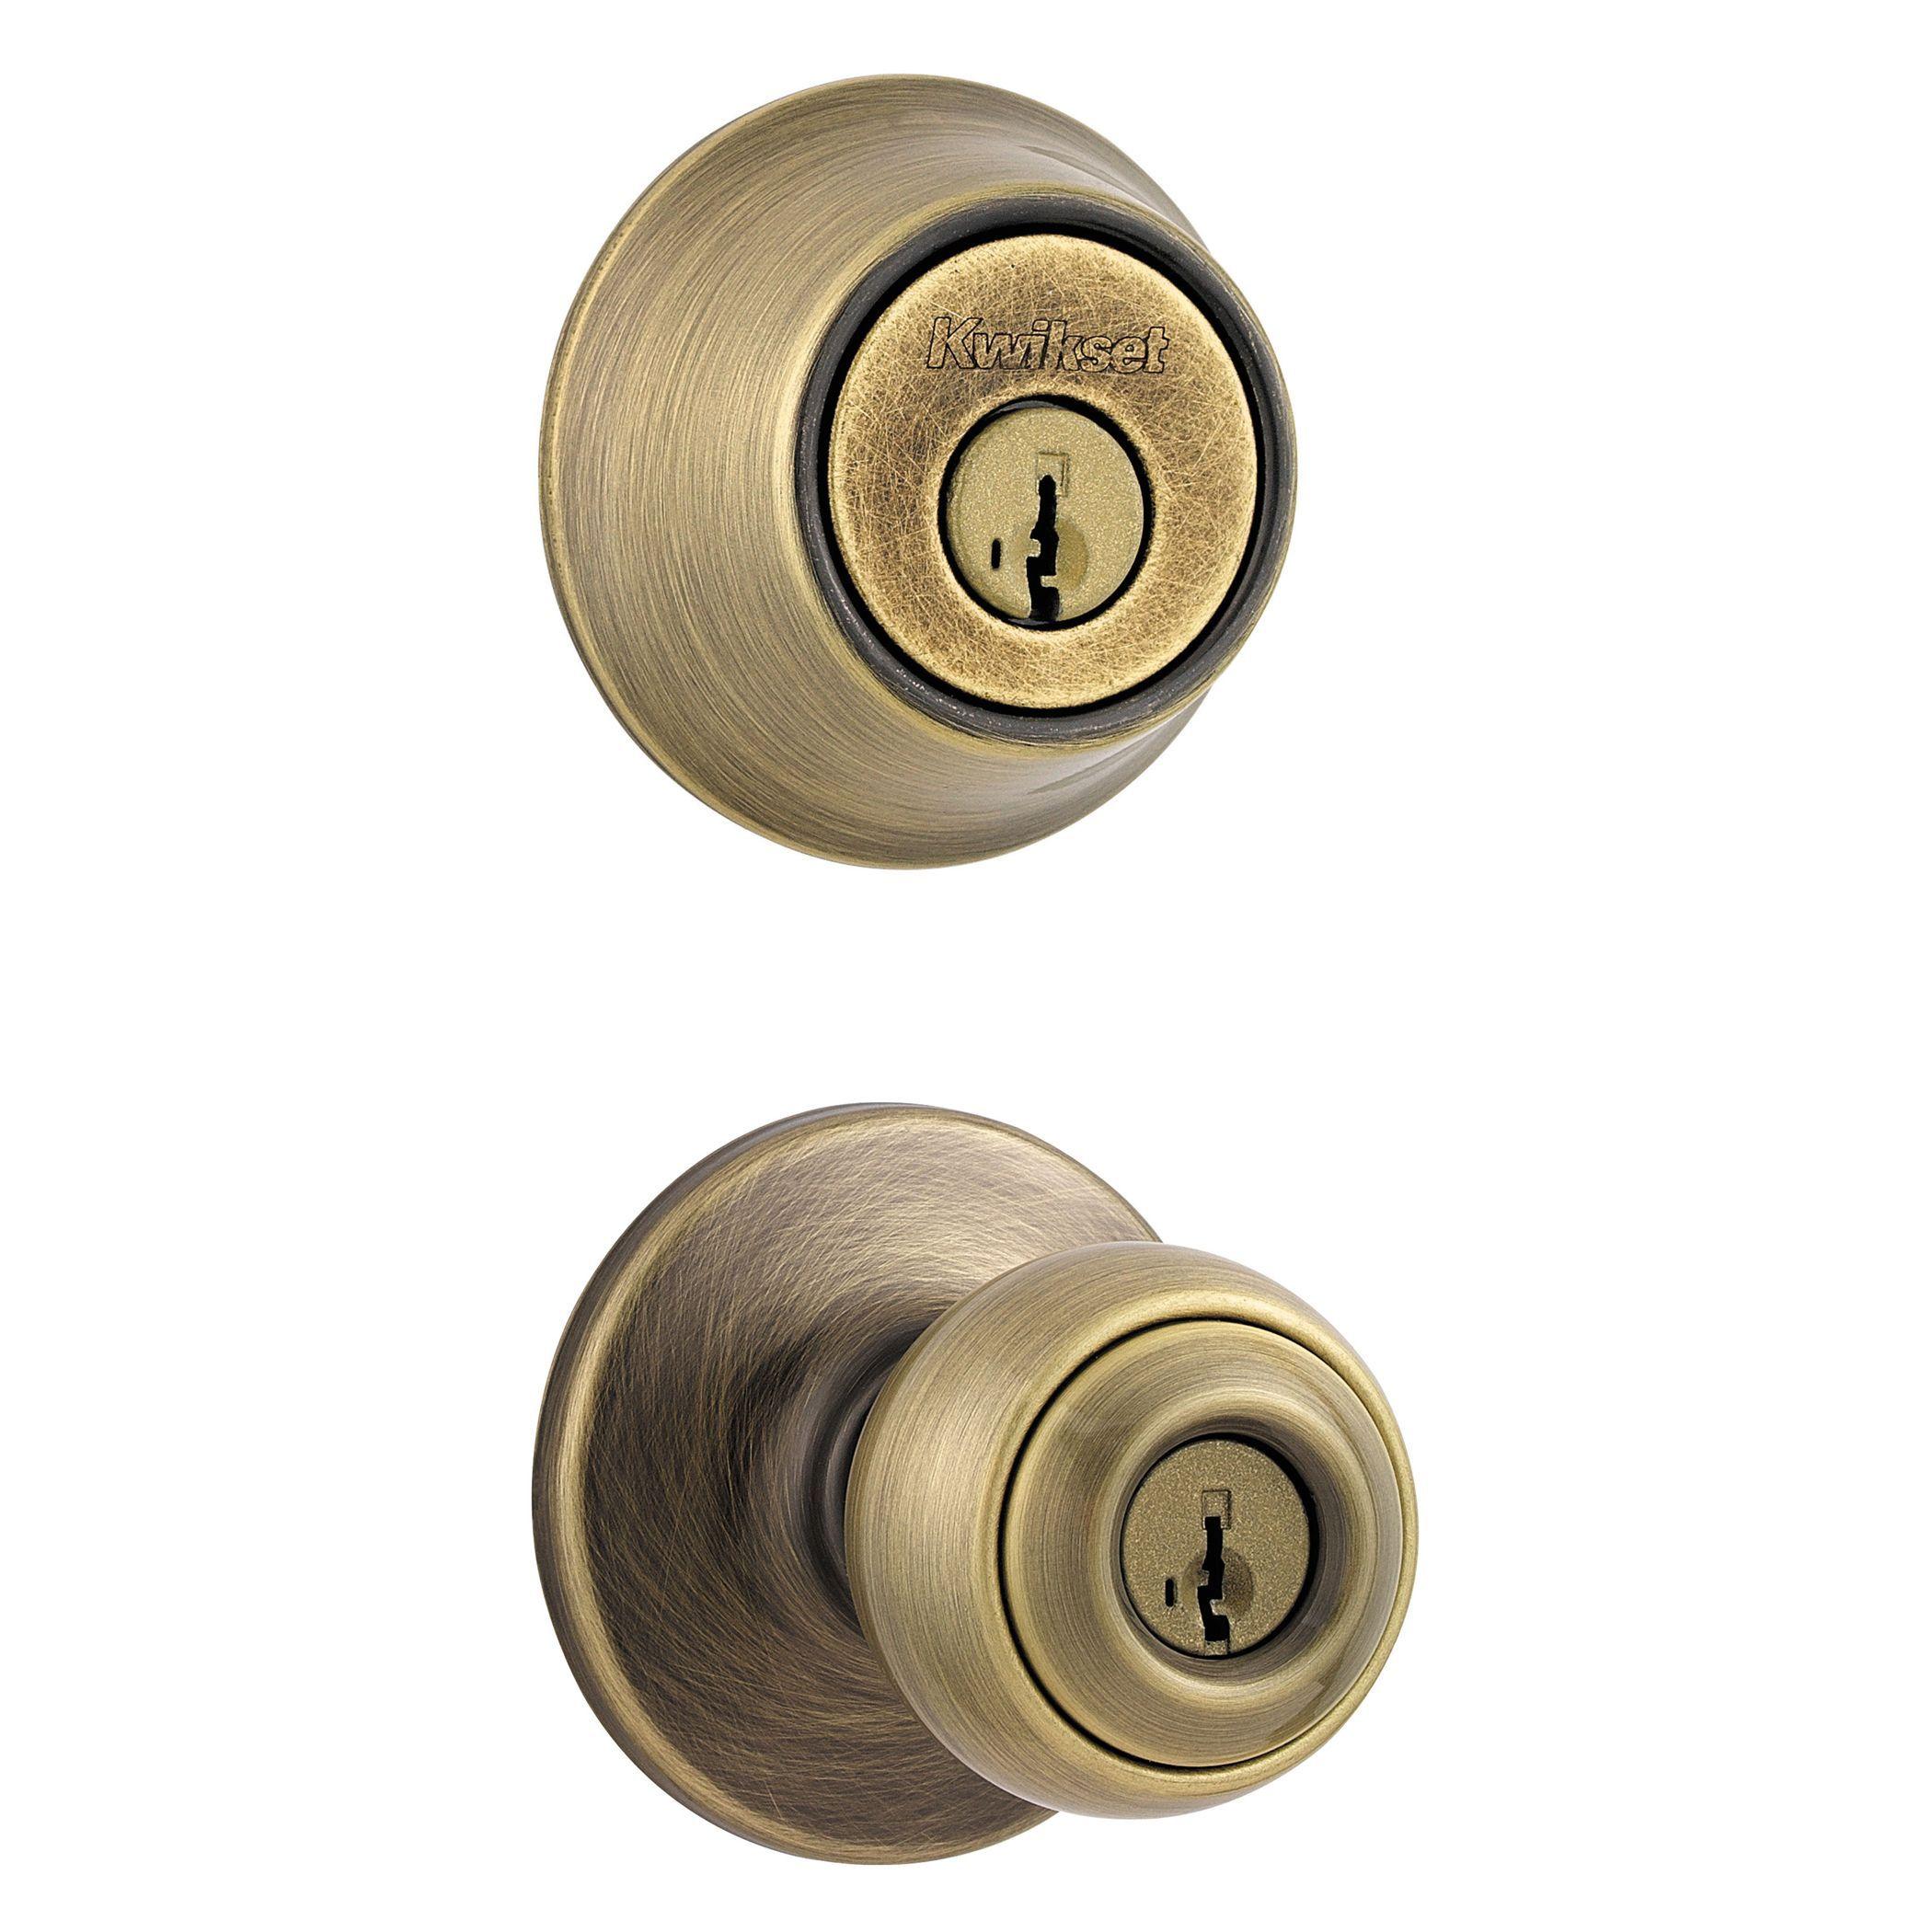 Merveilleux Kwikset 96900 251 Antique Brass 690P5CP K6 Entry Door Knob U0026 Deadbolt Combo